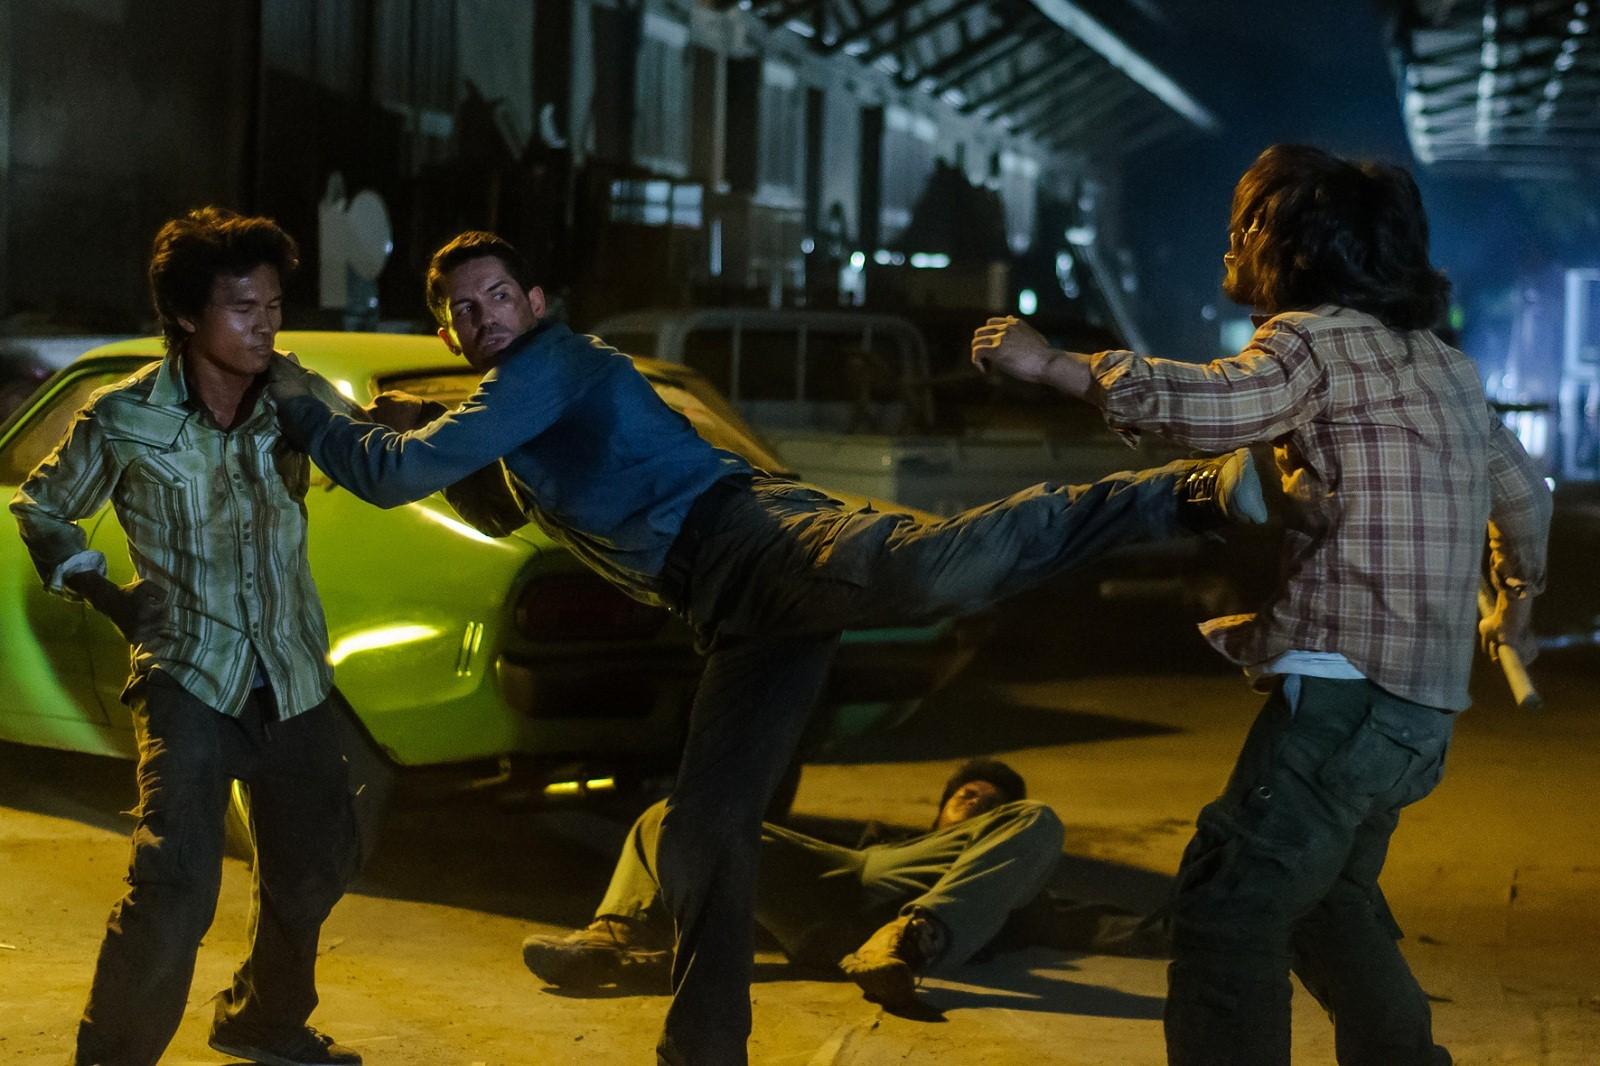 Bild von Ninja - Pfad der Rache - Bild 6 auf 10